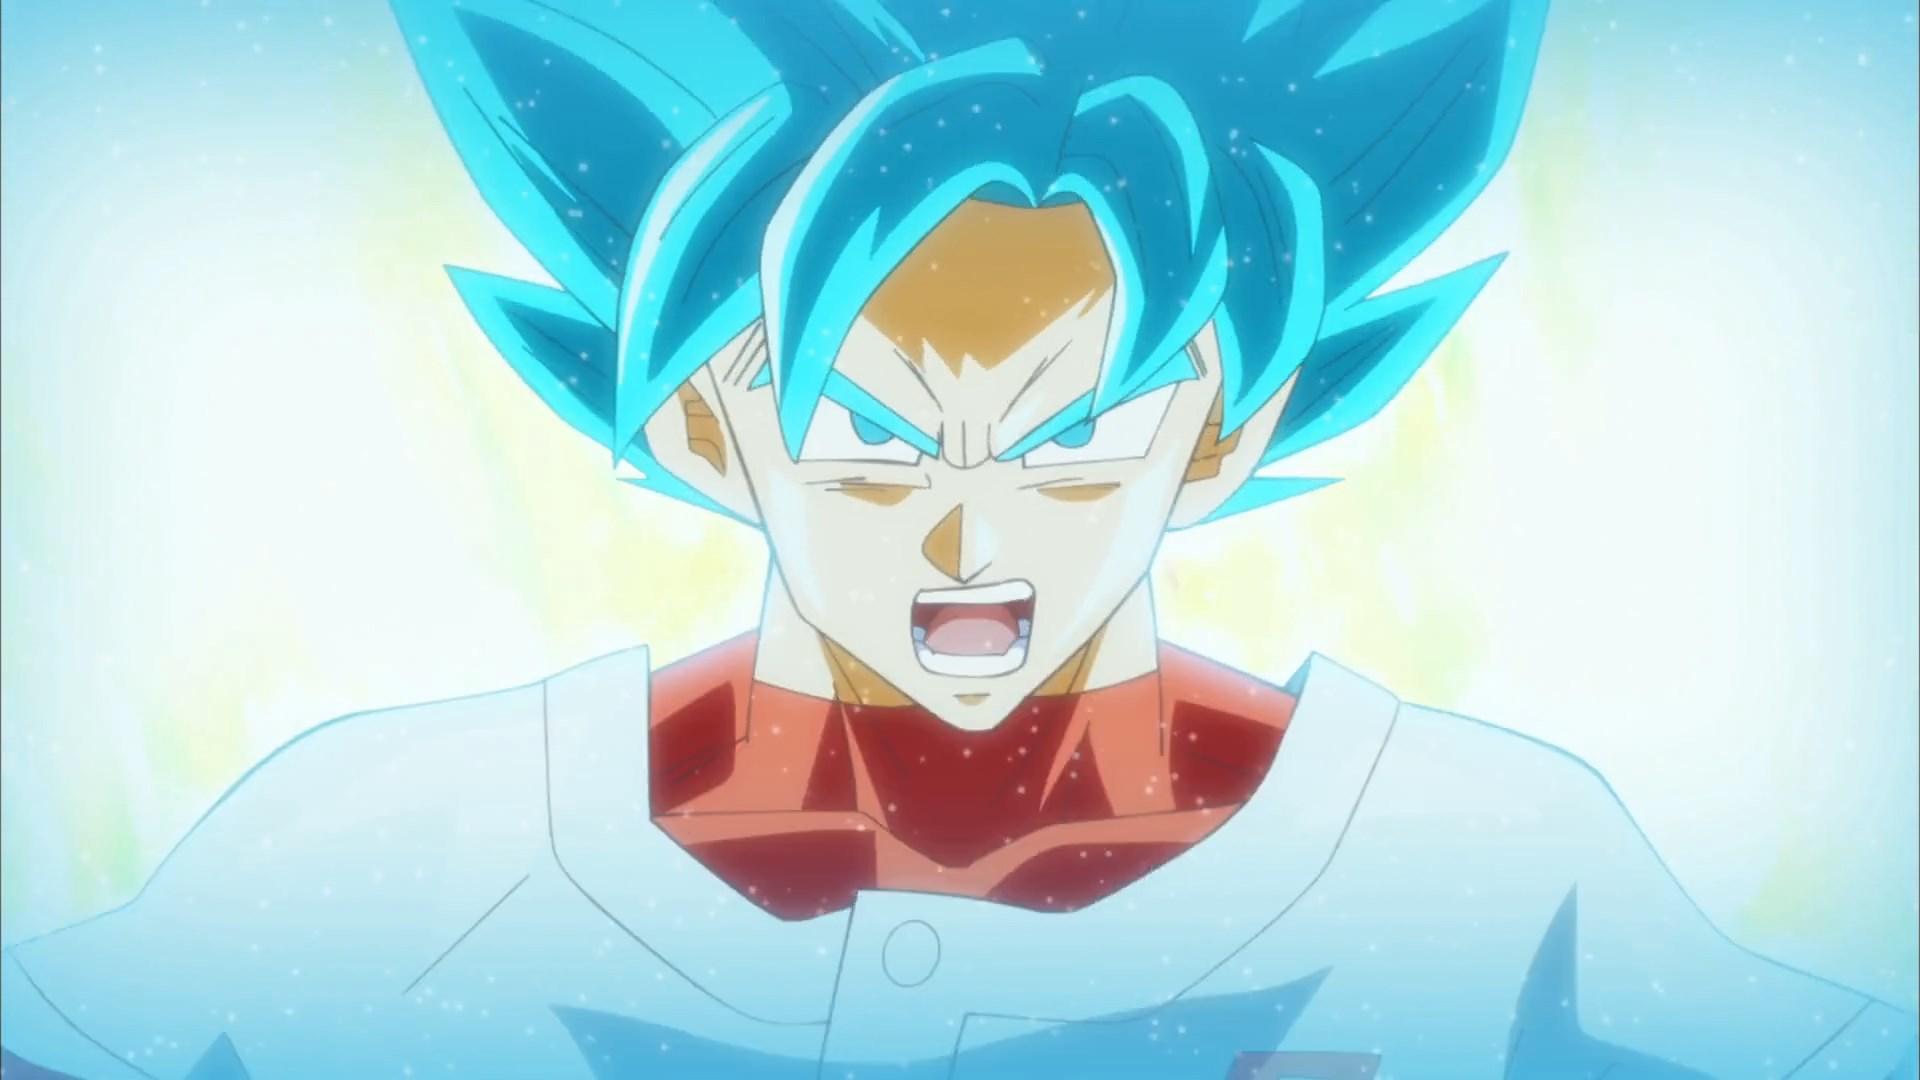 [DS] Dragon Ball Super 070 [1080p].mkv_snapshot_07.24_[2016.12.11_03.39.51]